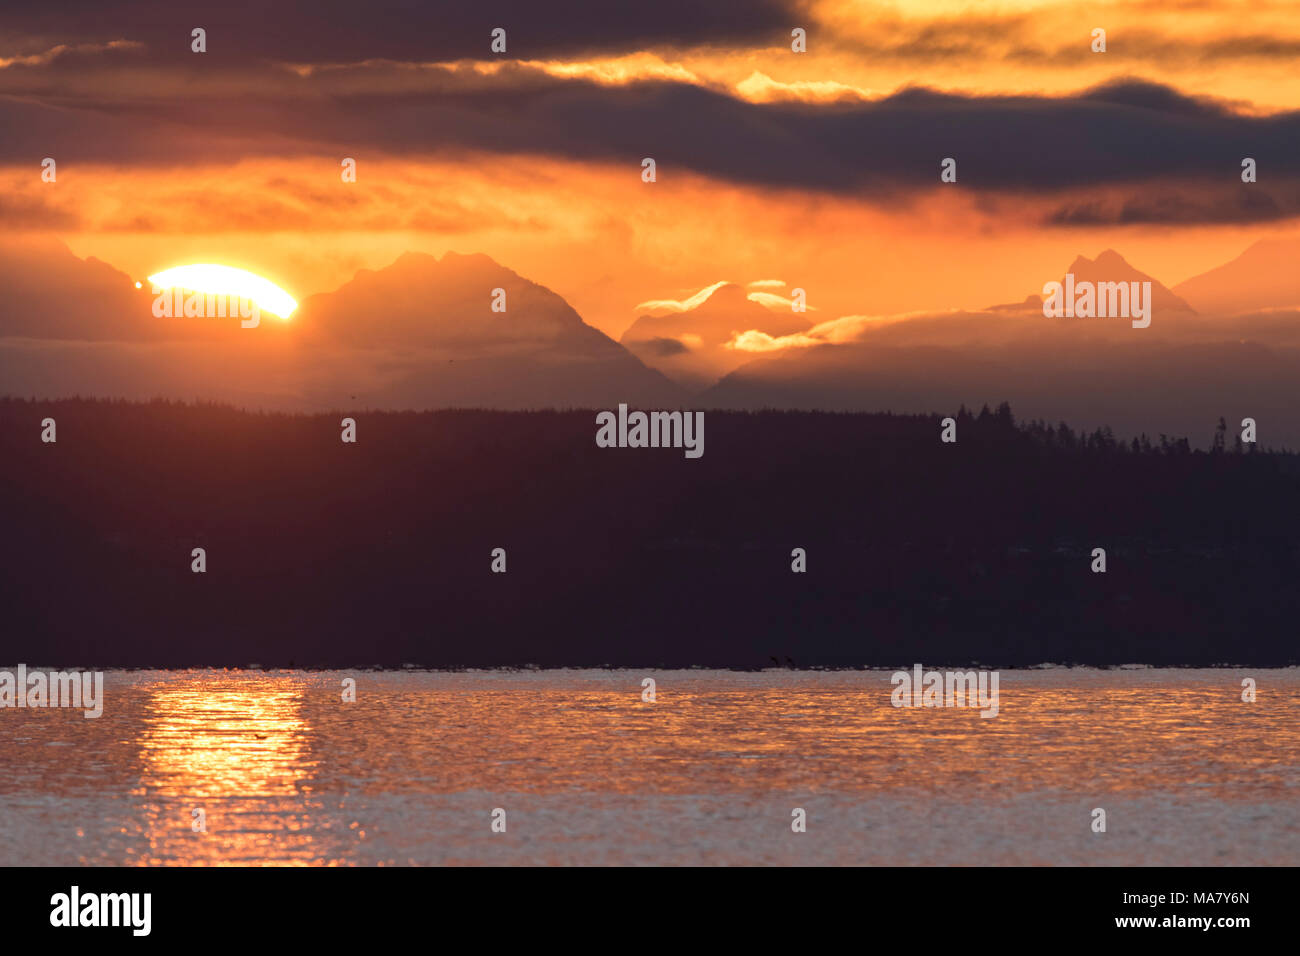 Sunrise, Sonne, über den Bergen. Sonnenuntergang in den Bergen mit Panoramablick. Farbenfroh und malerischen Sonnenaufgang über die Cascade Mountains. Aus Port Townsend. Stockbild